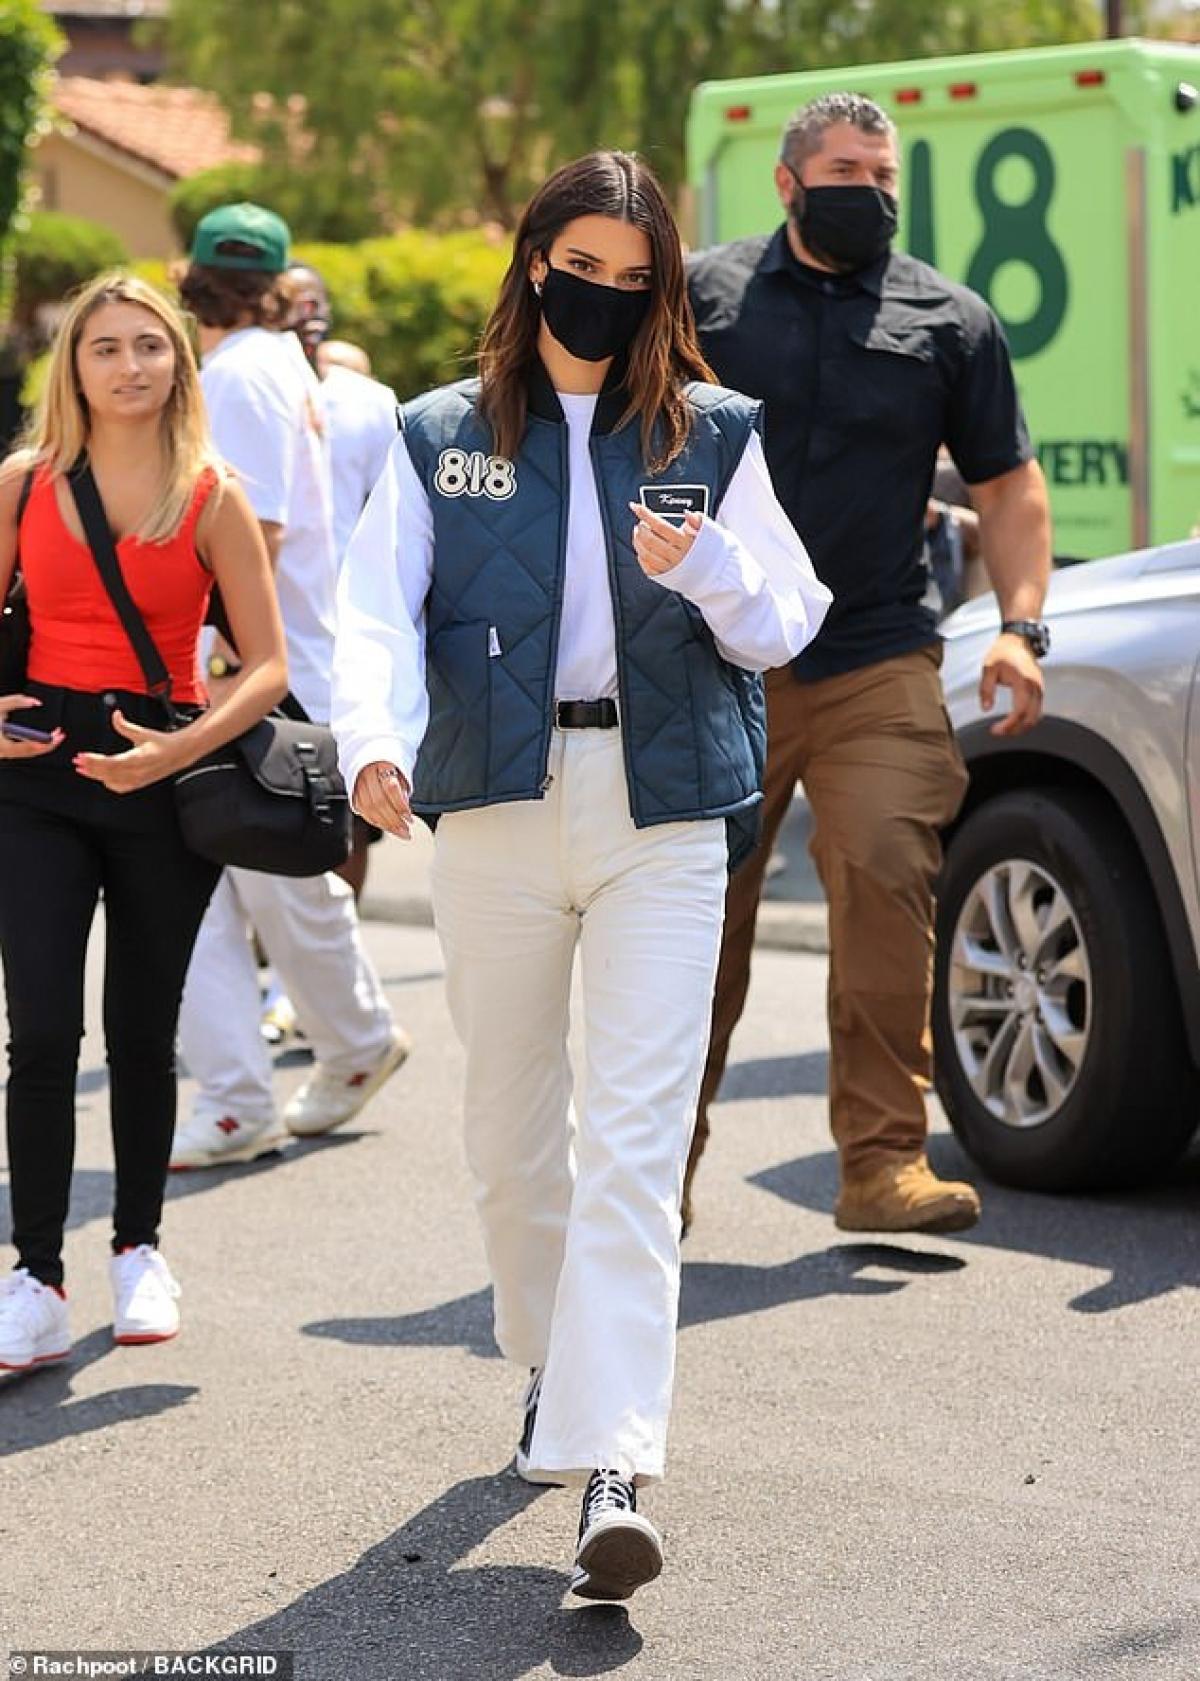 """Trước đó, Kendall Jenner đã update hình ảnh thử nghiệm rượu đến với followers của mình. Nhiều người đánh giá đây là bước đi """"mạo hiểm"""" của chân dài Hollywood"""